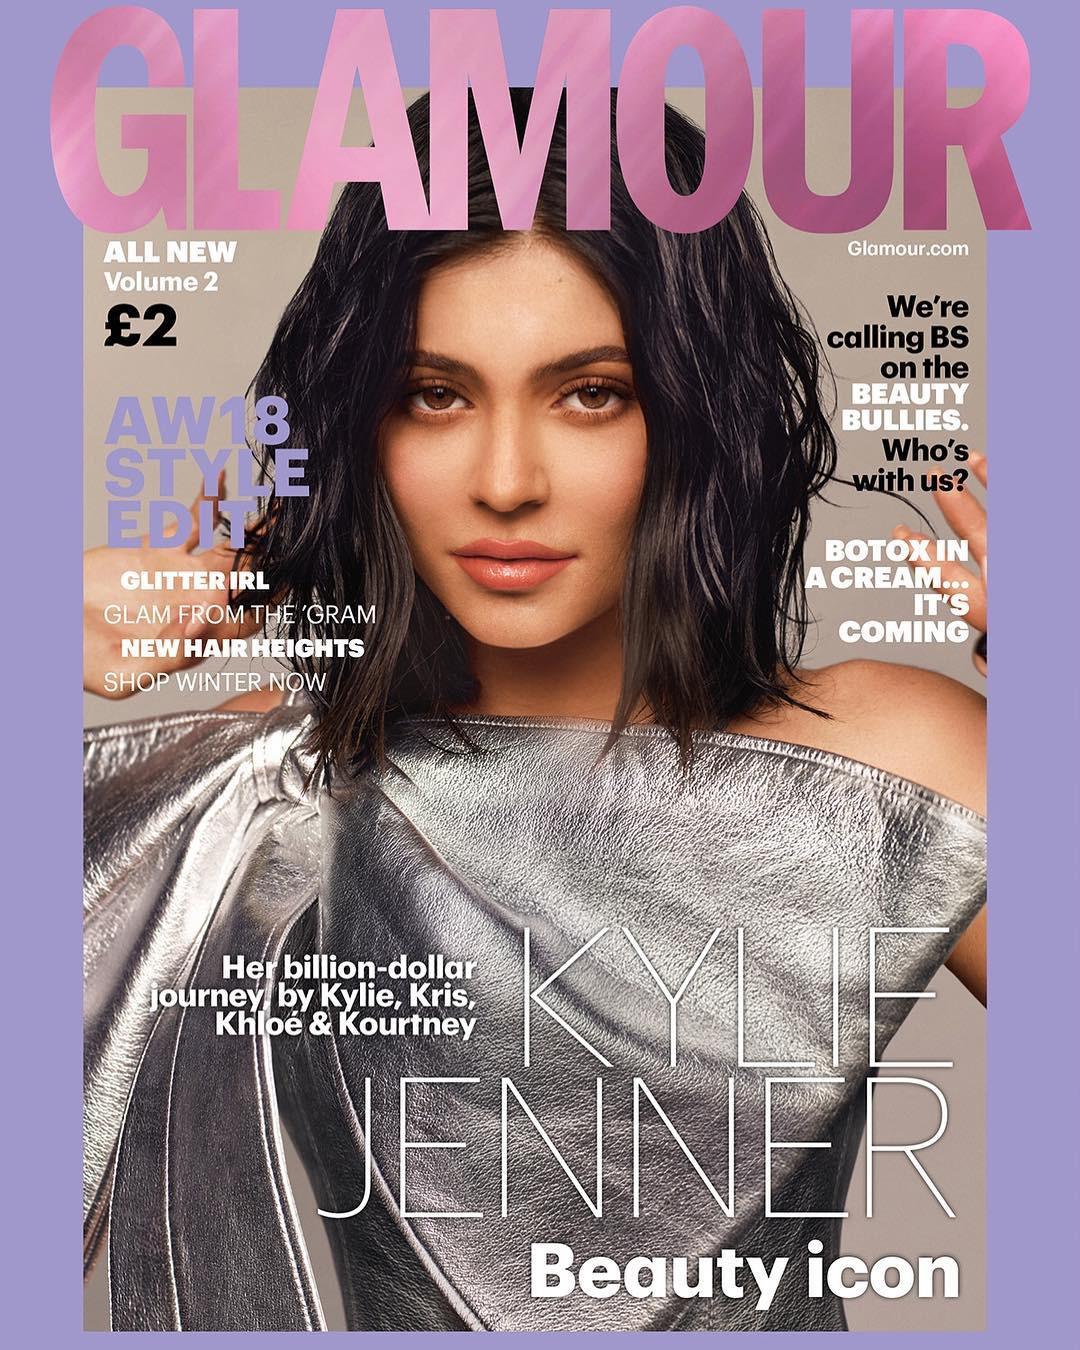 Rút bớt filler ra khỏi môi, Kylie Jenner như biến hình thành người khác mà vẫn xinh đẹp lung linh - Ảnh 3.